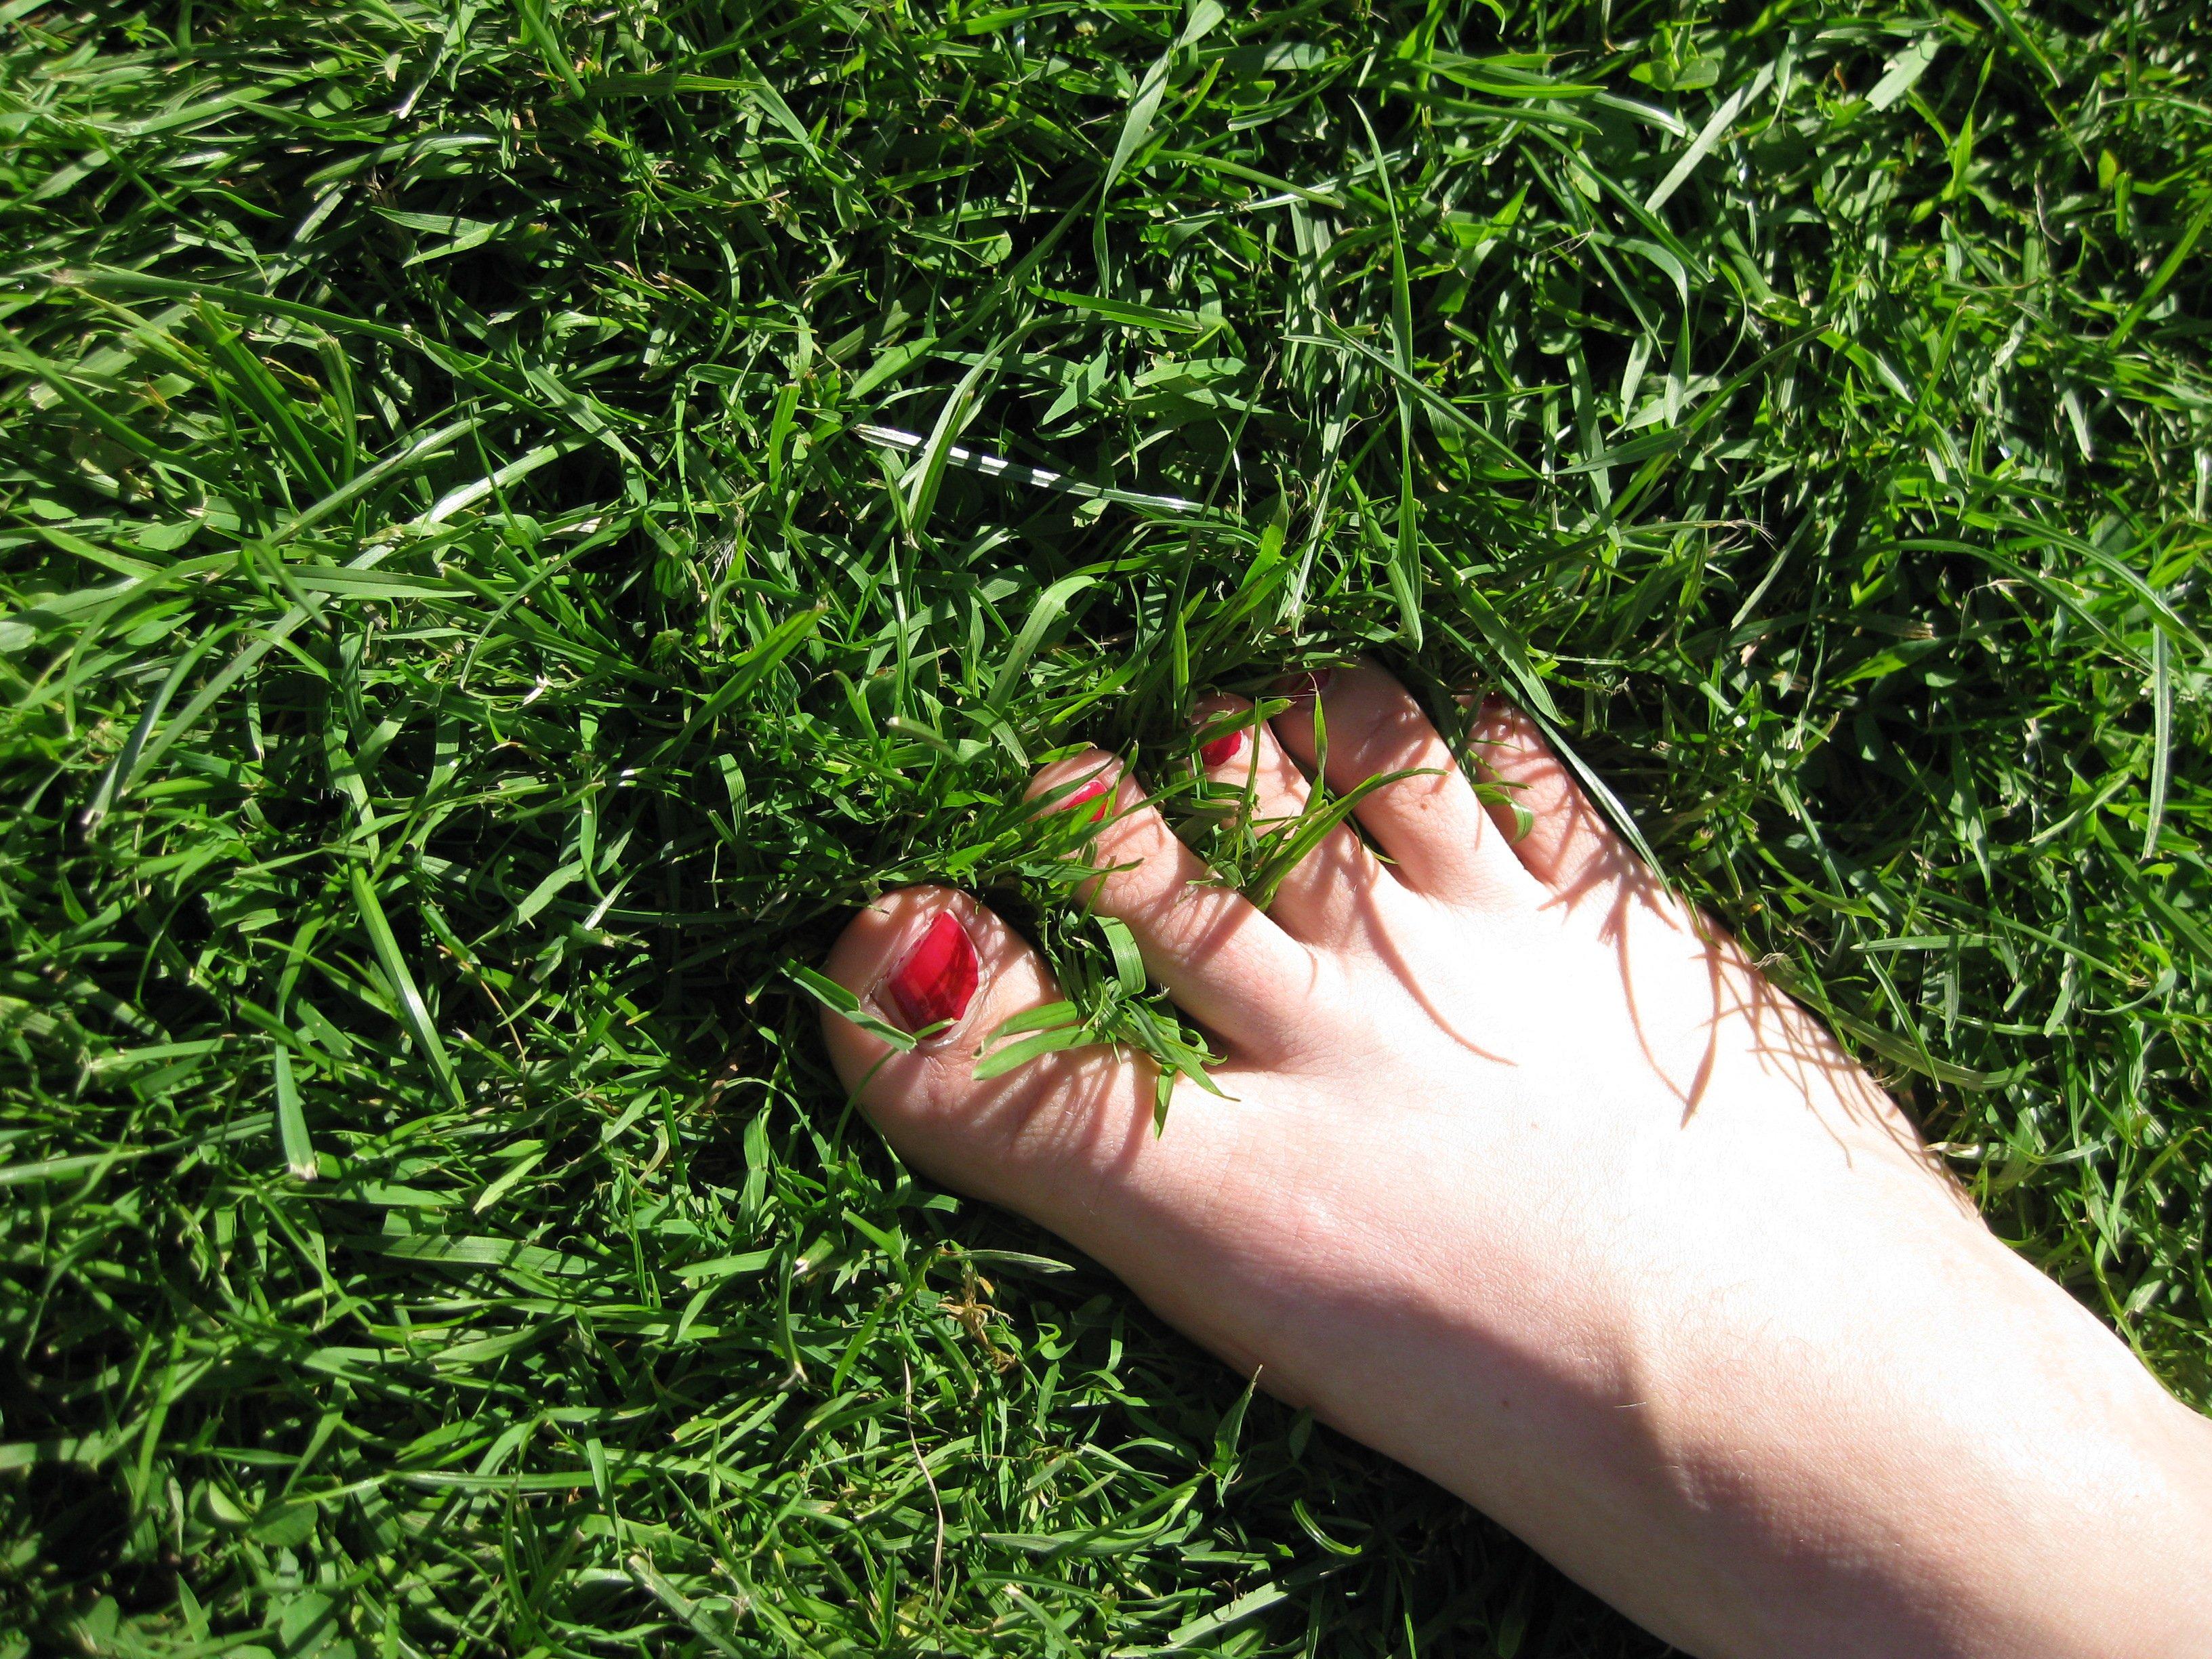 Fotos gratis : mano, árbol, césped, planta, prado, hoja, flor ...